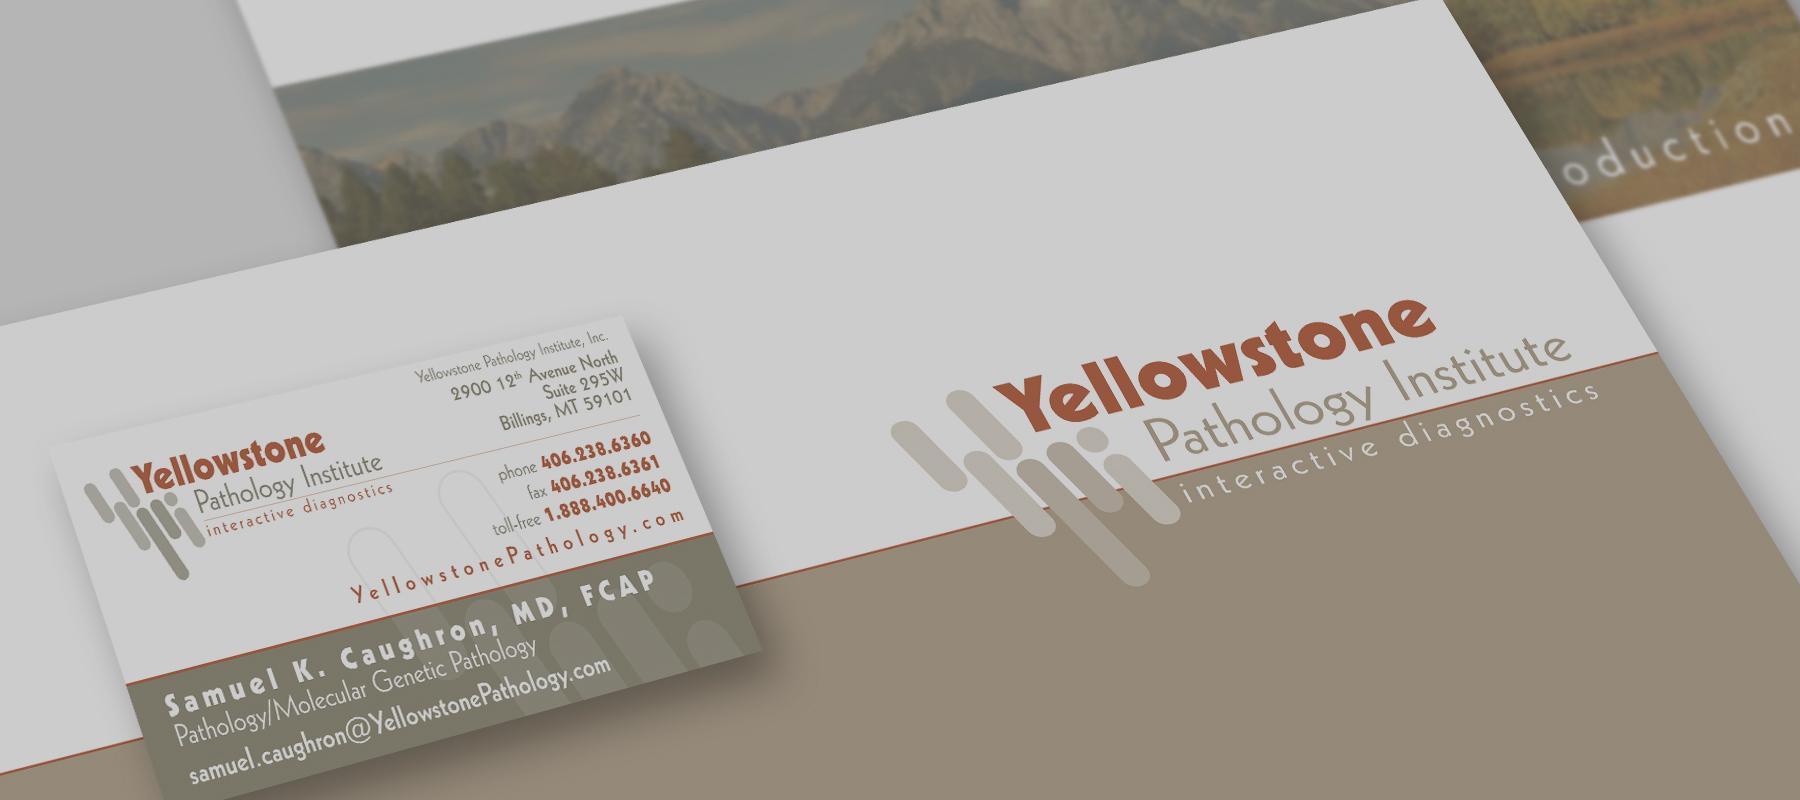 Yellowstone Pathology Group Rebrand